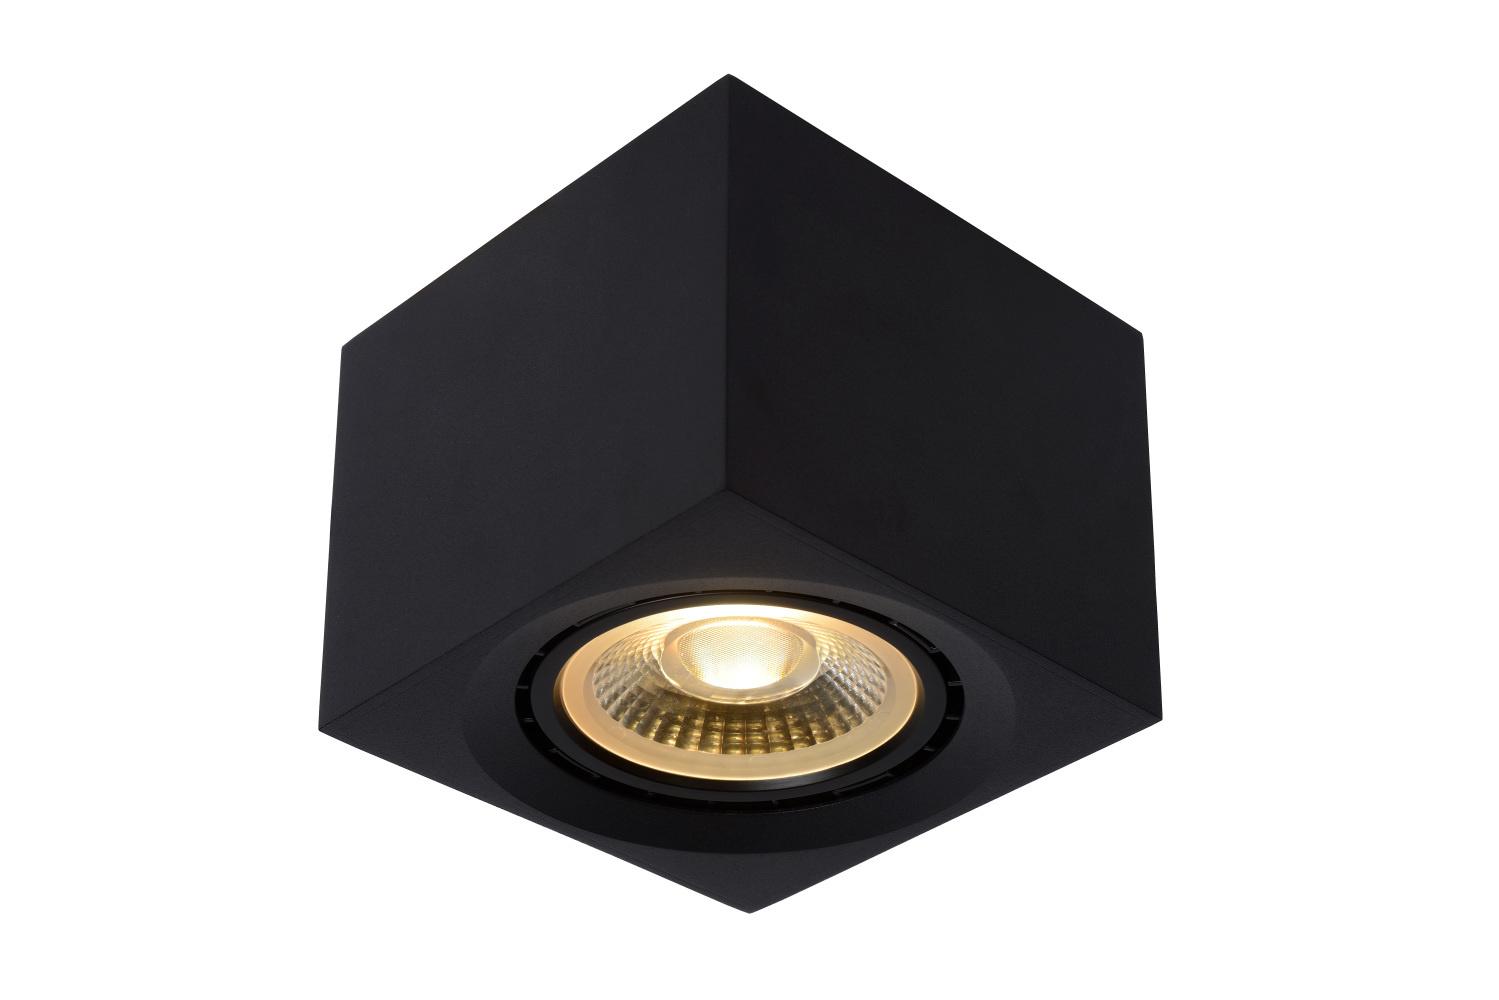 Lucide FEDLER Plafondspot-Zwart-LED DTW-1xGU10-12W